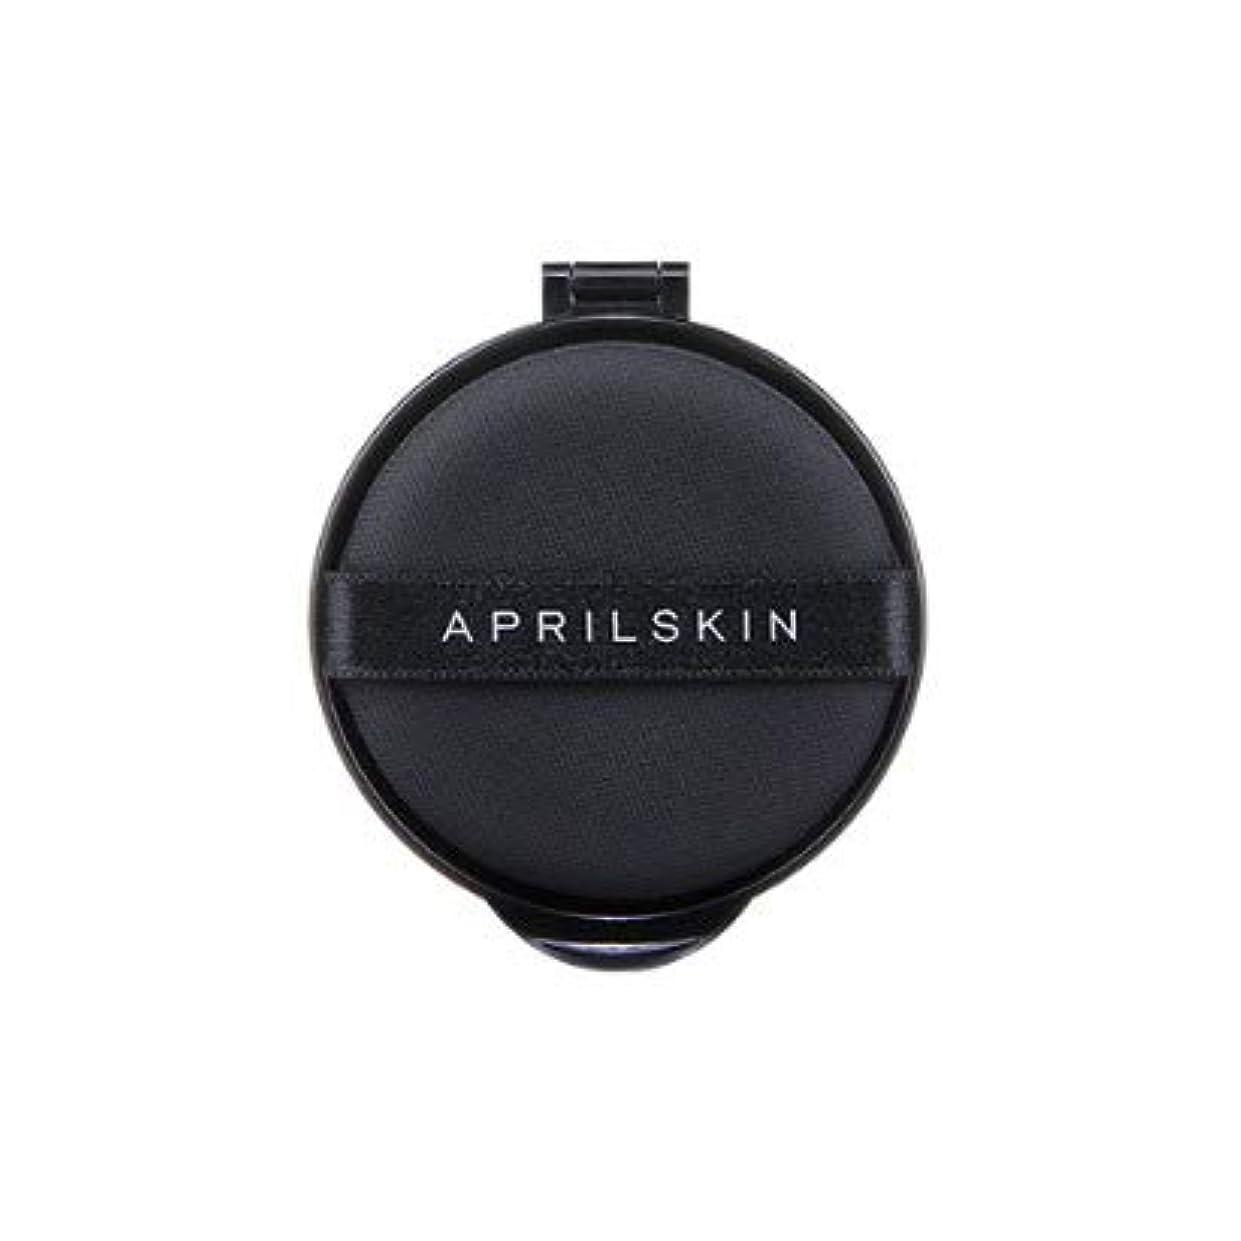 責める改修する毎年エイプリル スキン(APRIL SKIN) パーフェクトマジックカバーフィットクッション (リフィル) 13g / APRILSKIN PERFECT MAGIC COVER FIT CUSHION (REFILL) 13g...